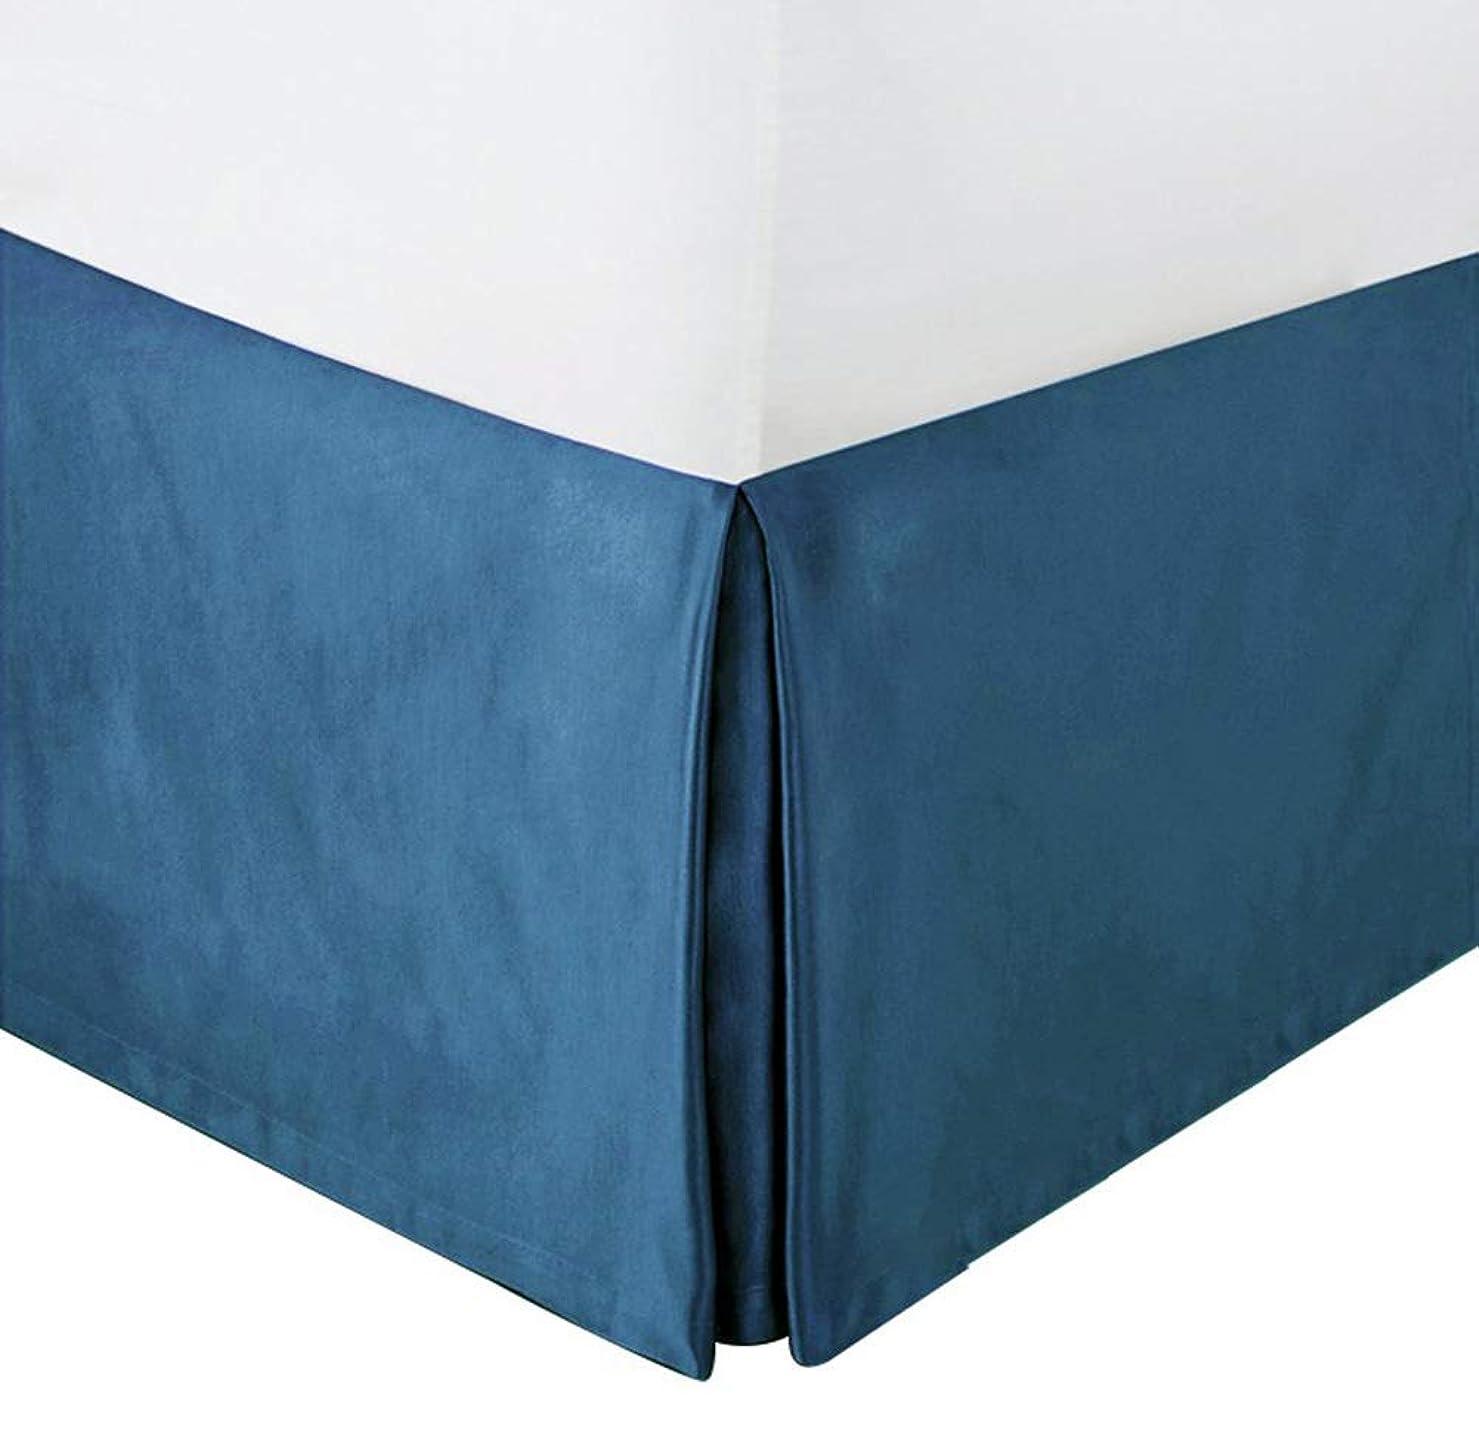 ラベルショット不愉快にベルベット ベッド スカート,単色 弾性 ほこり 簡単フィット しわフェード耐性装備 バランス の ホテル-D 135cmX200cm